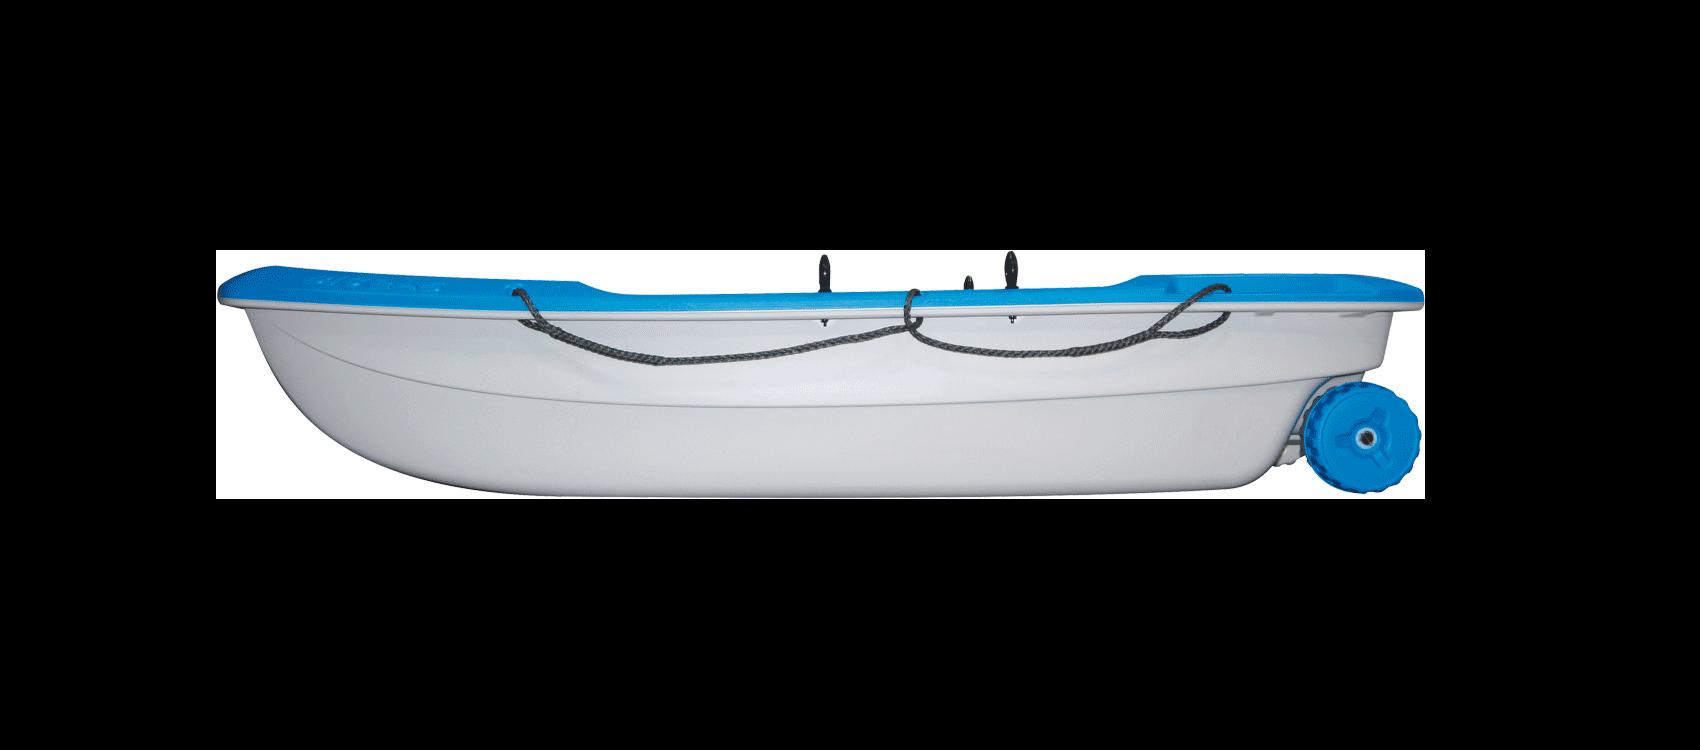 Bic 245 Fishing Boat